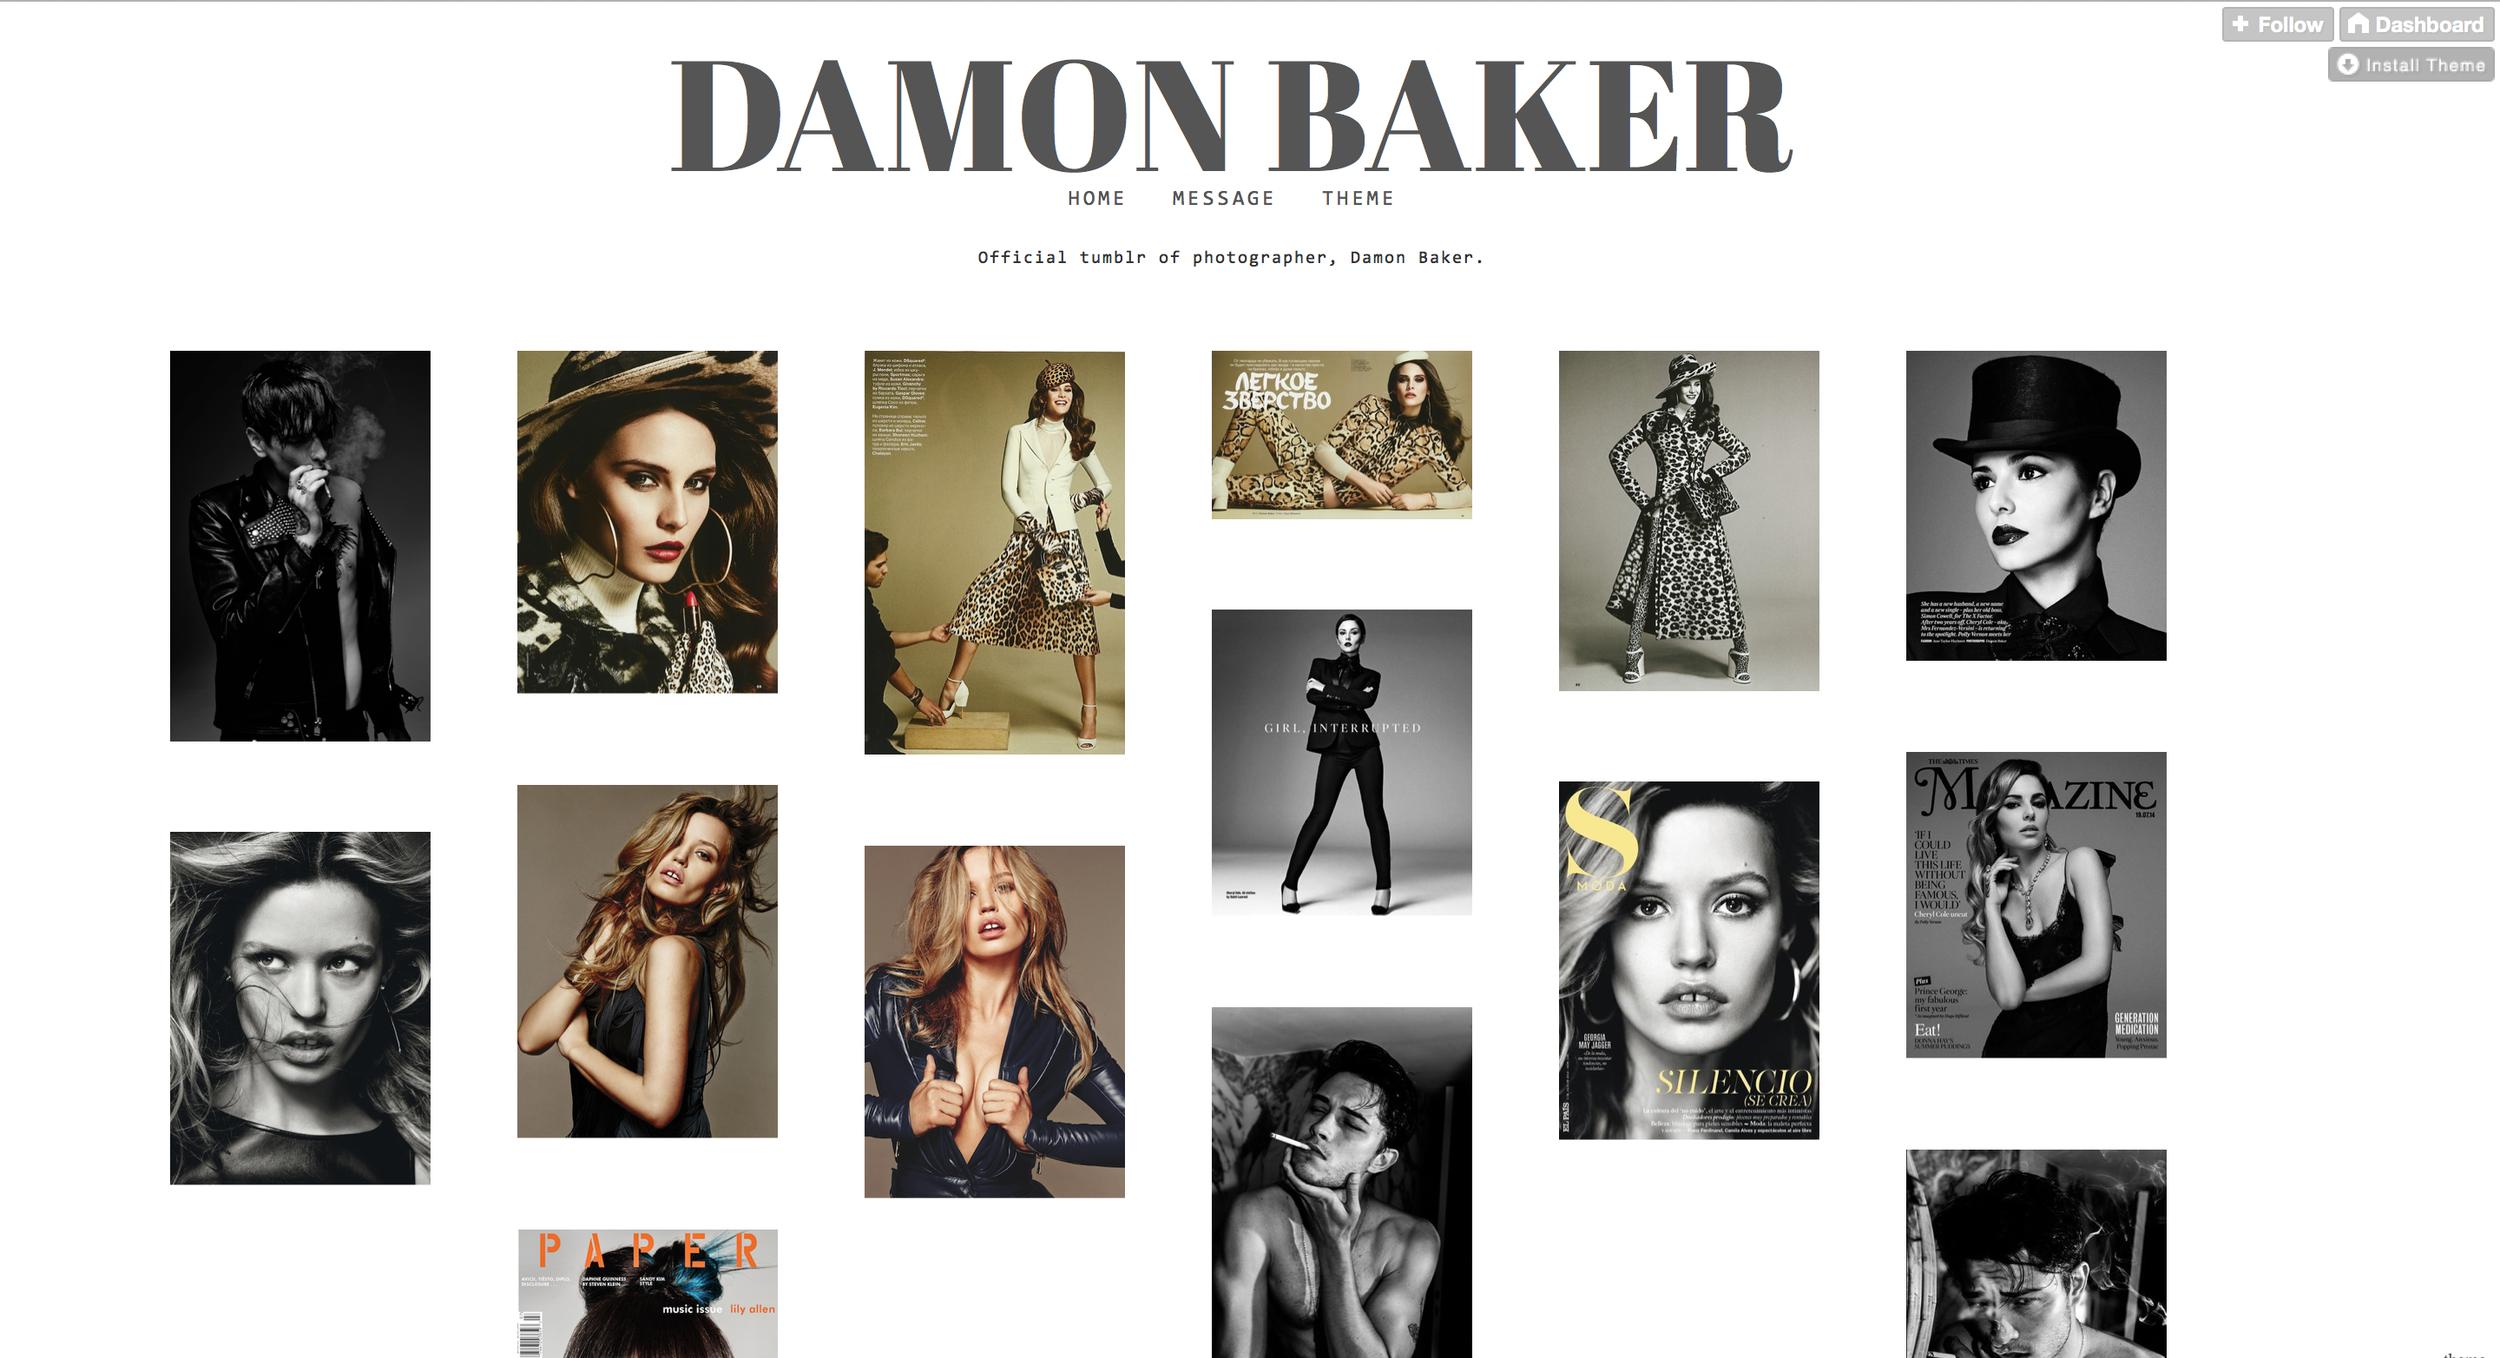 damonbaker.tumblr.com